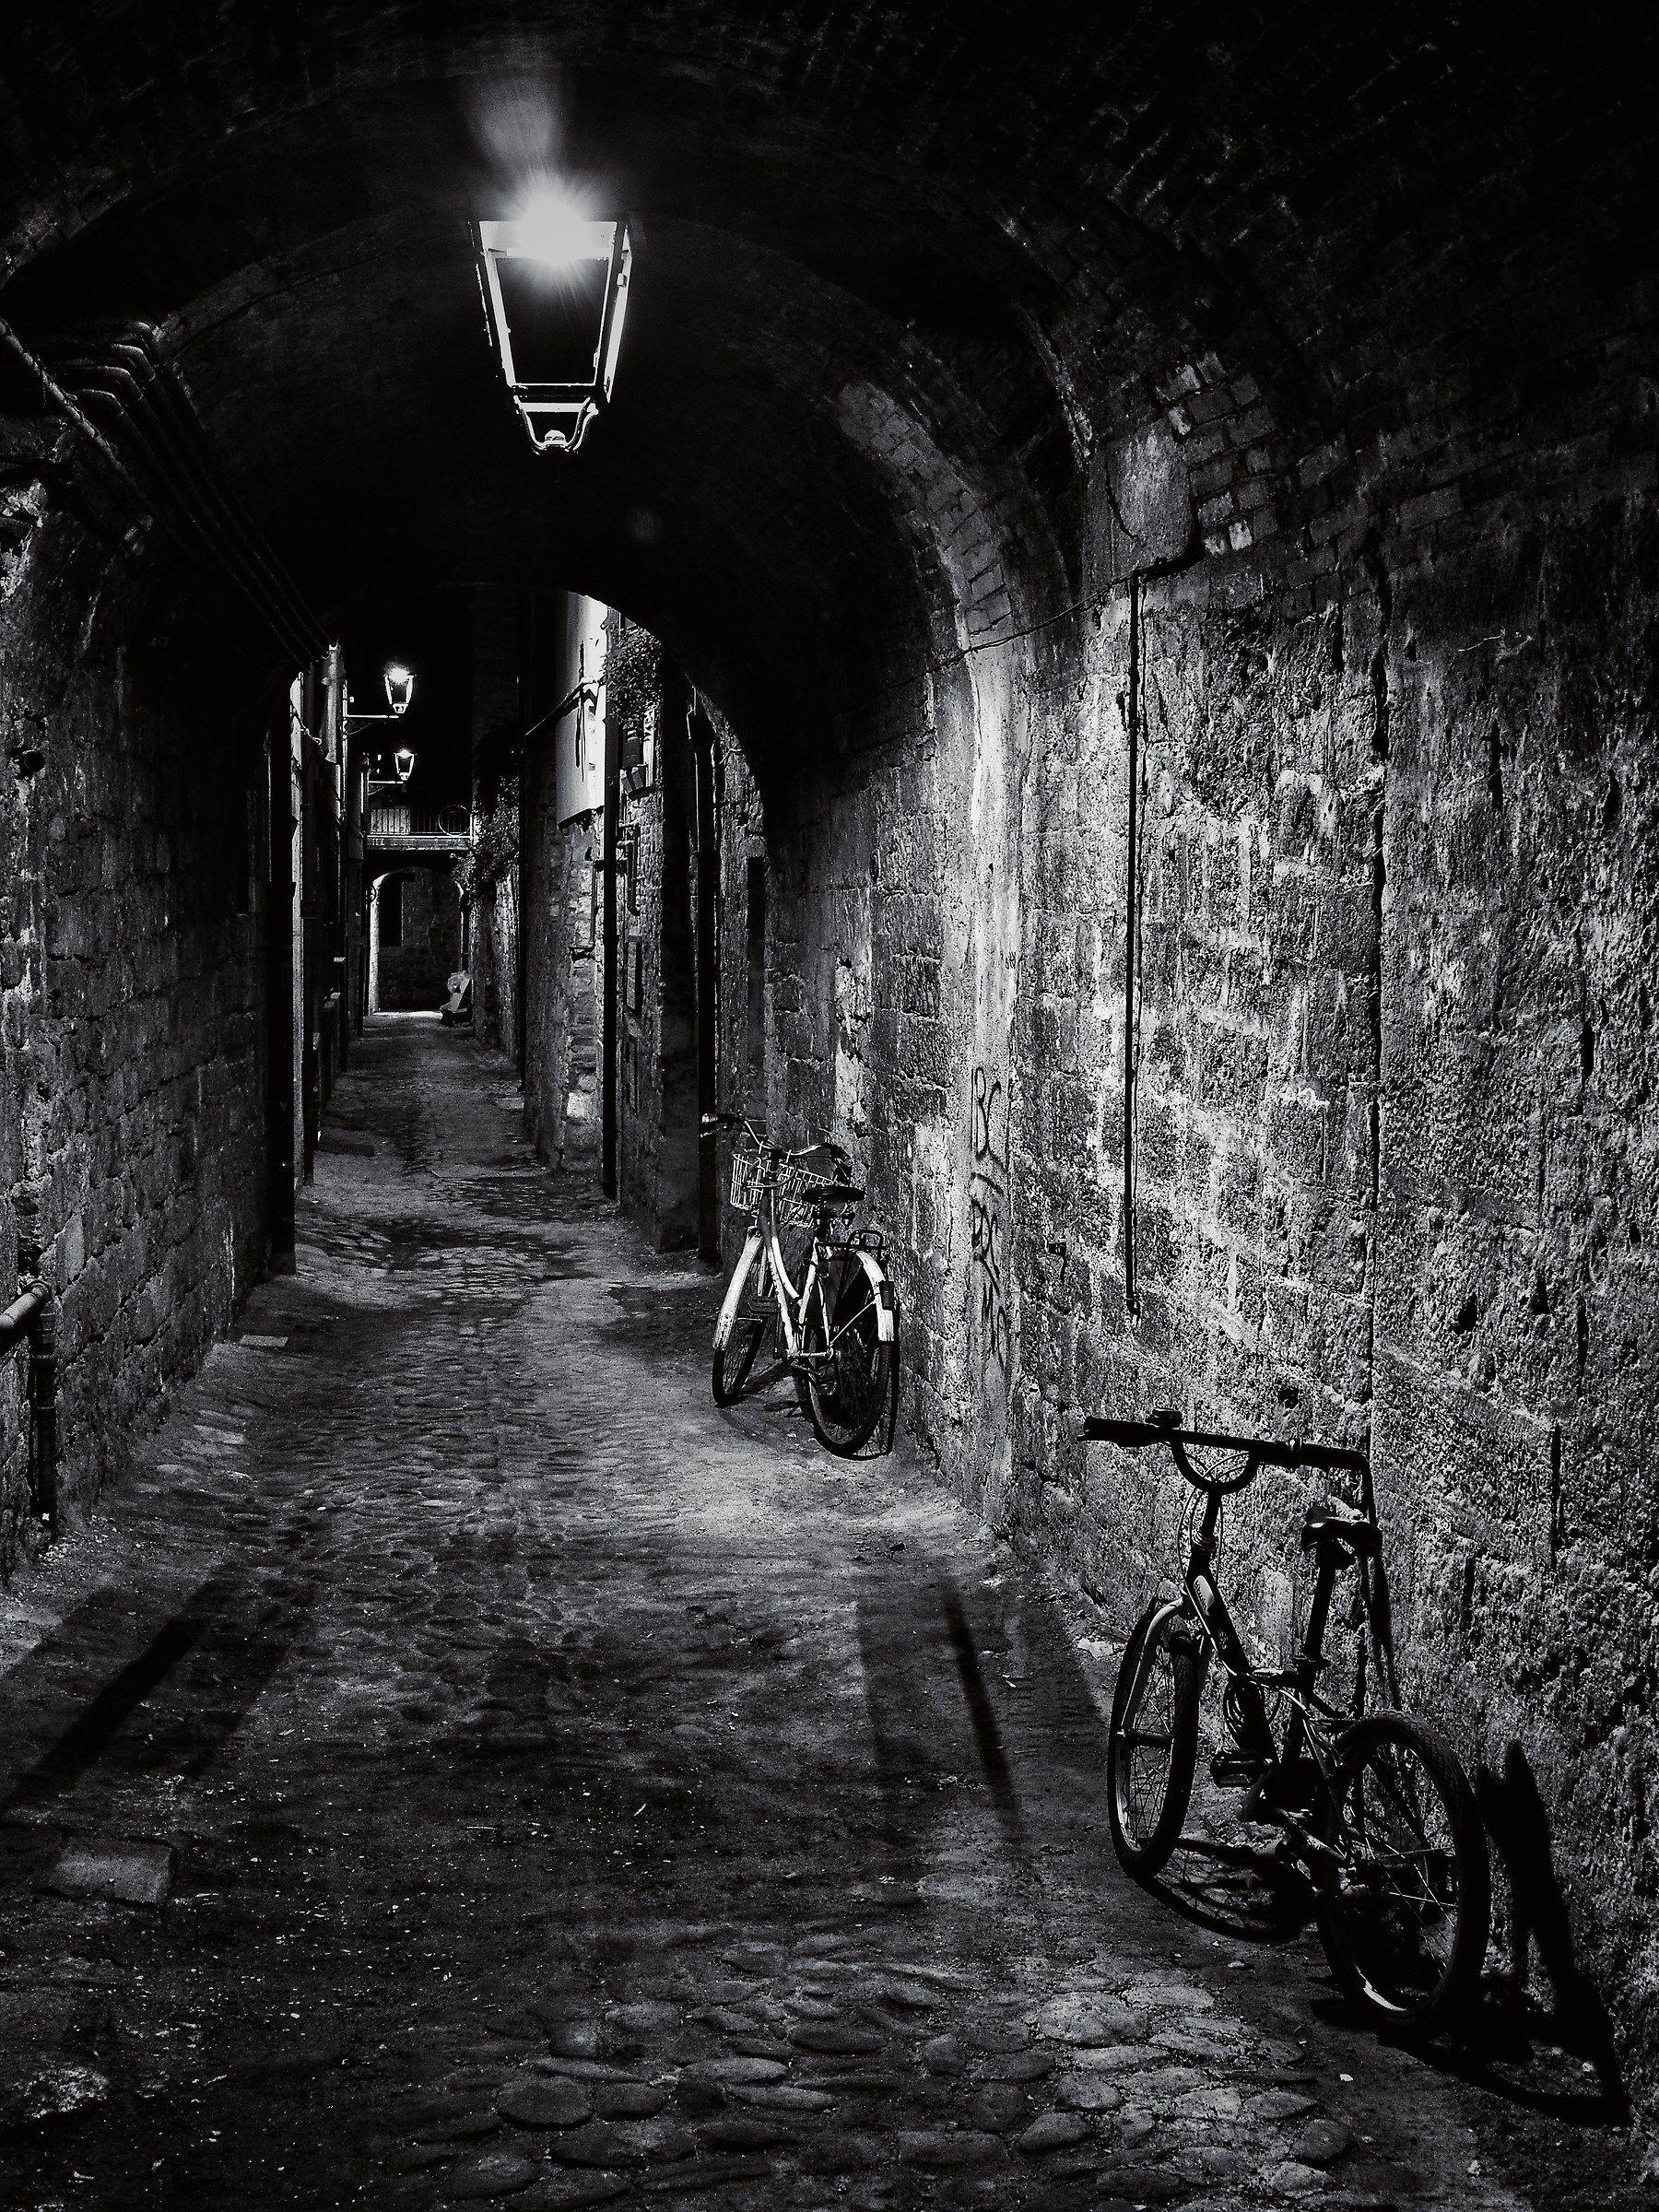 La solitudine di un vicolo...